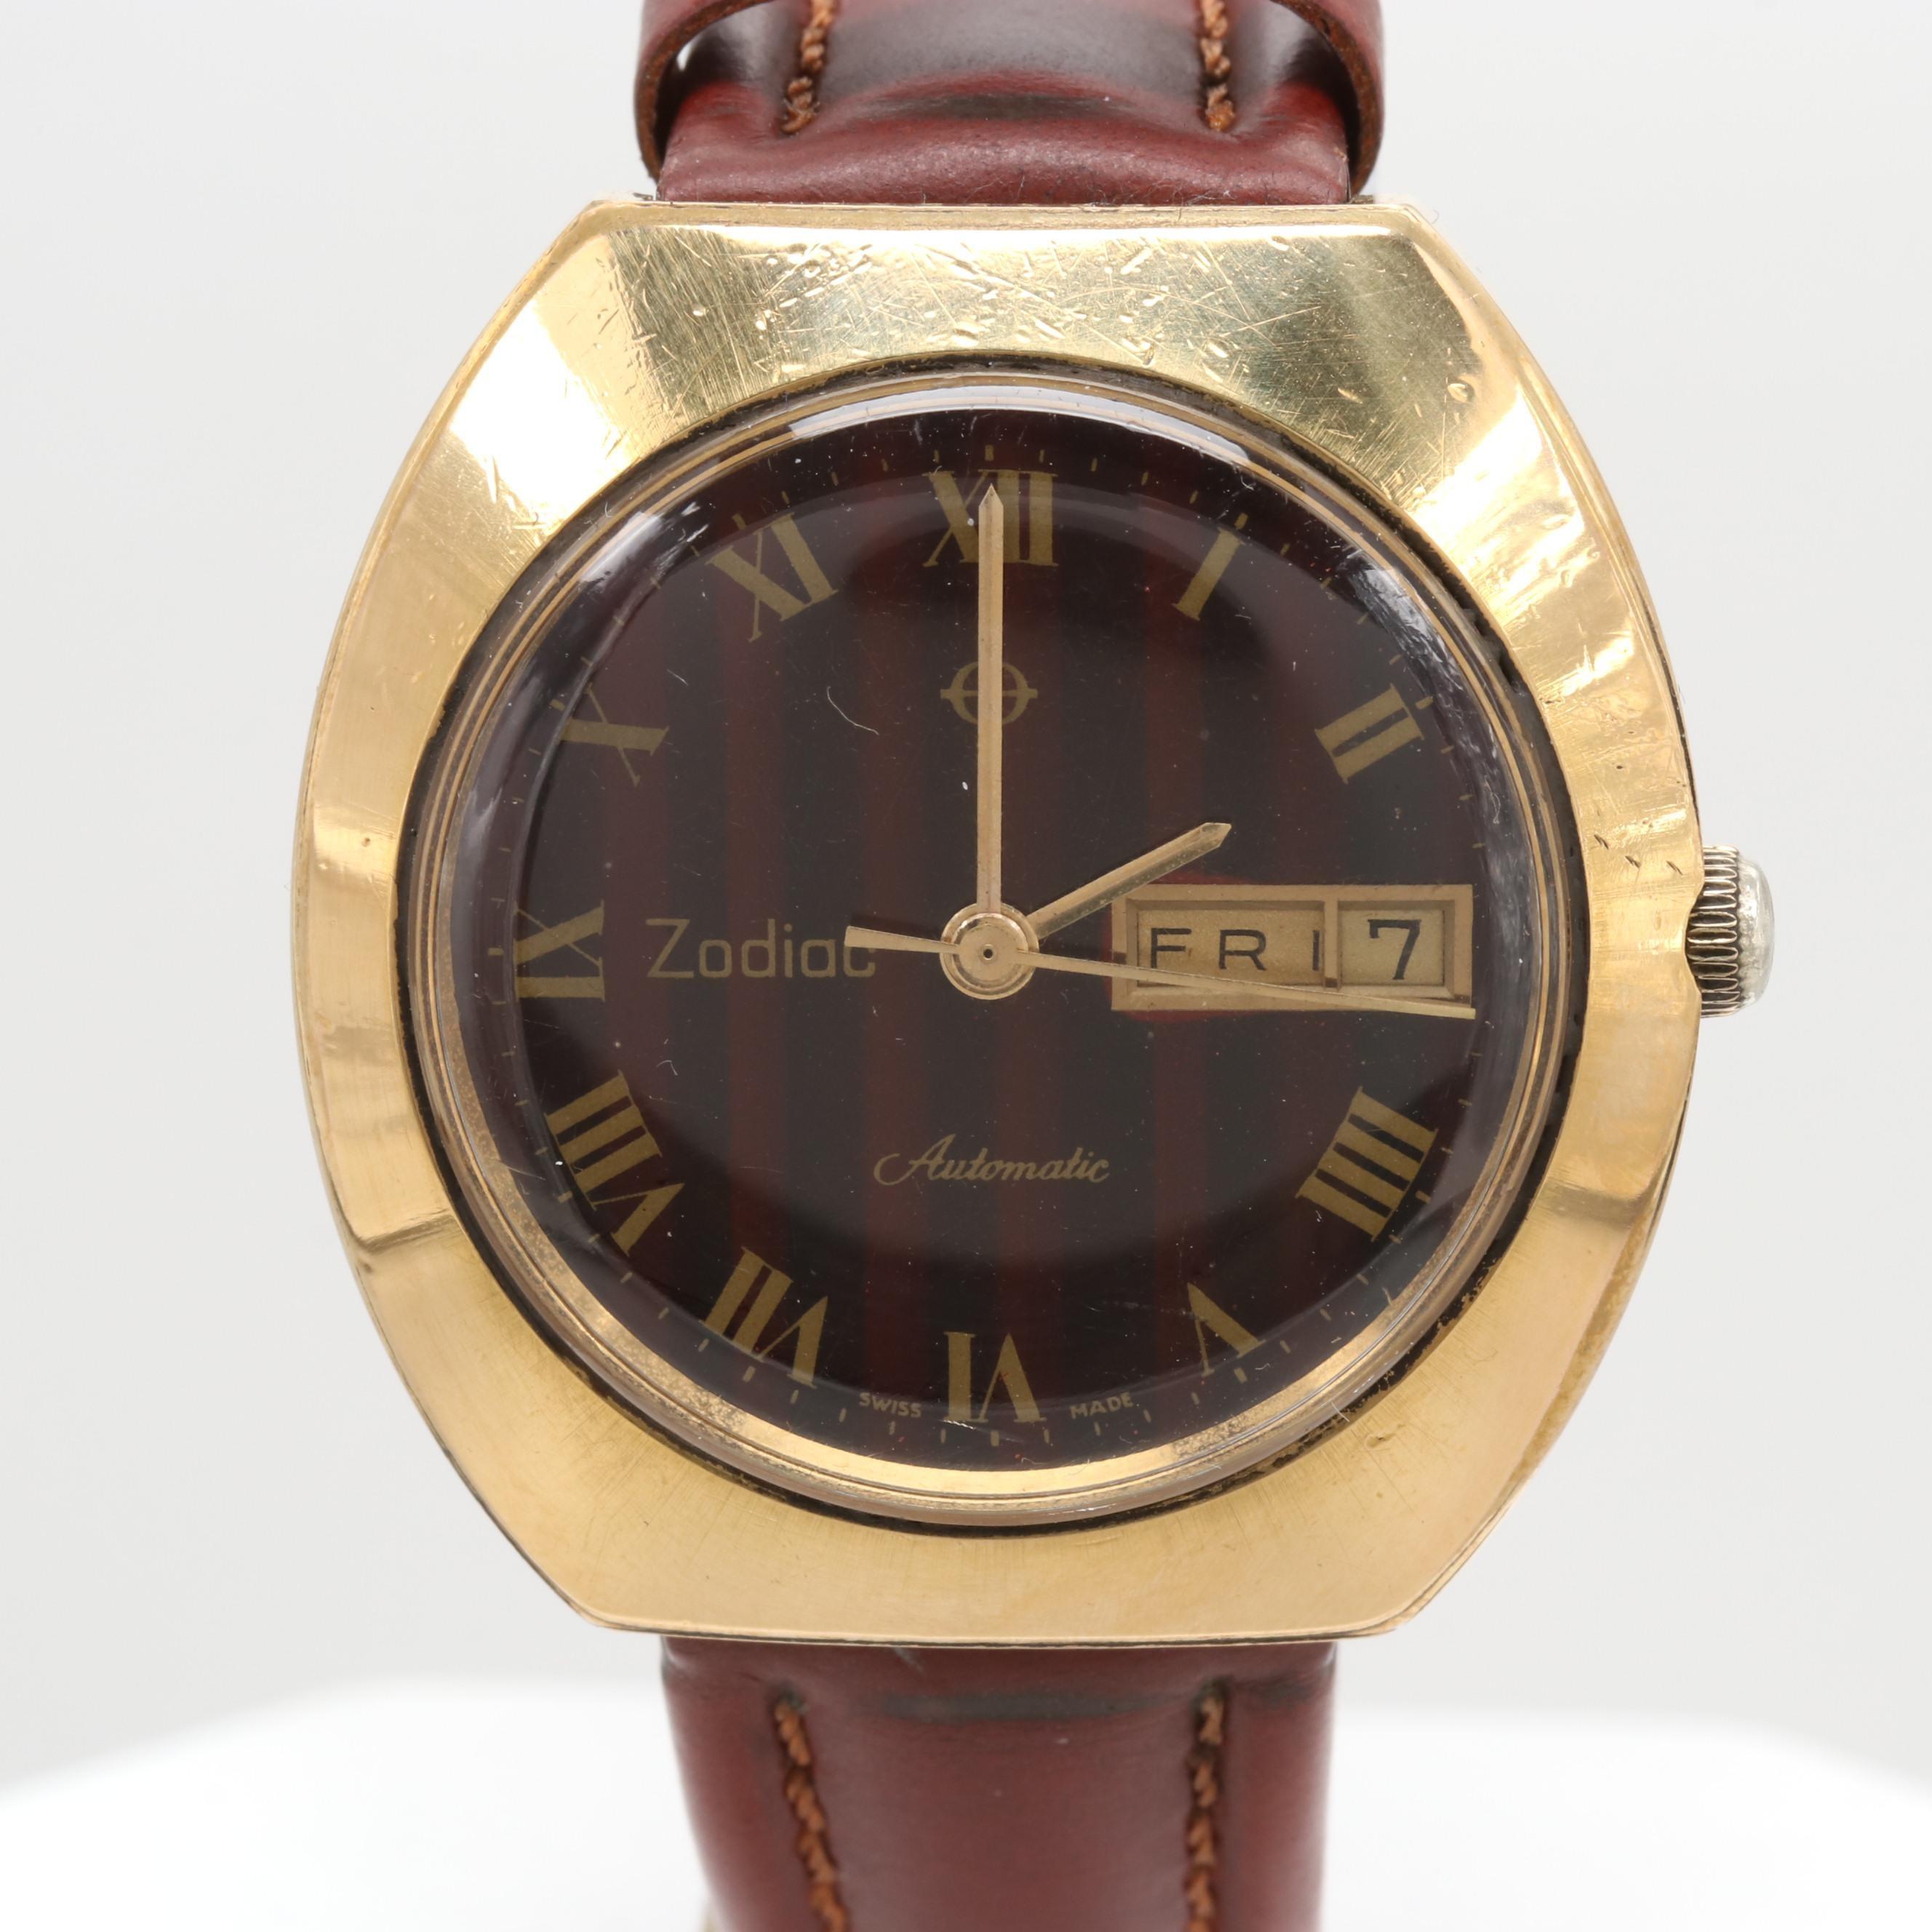 Zodiac Stainless Steel Day/Date Automatic Wristwatch